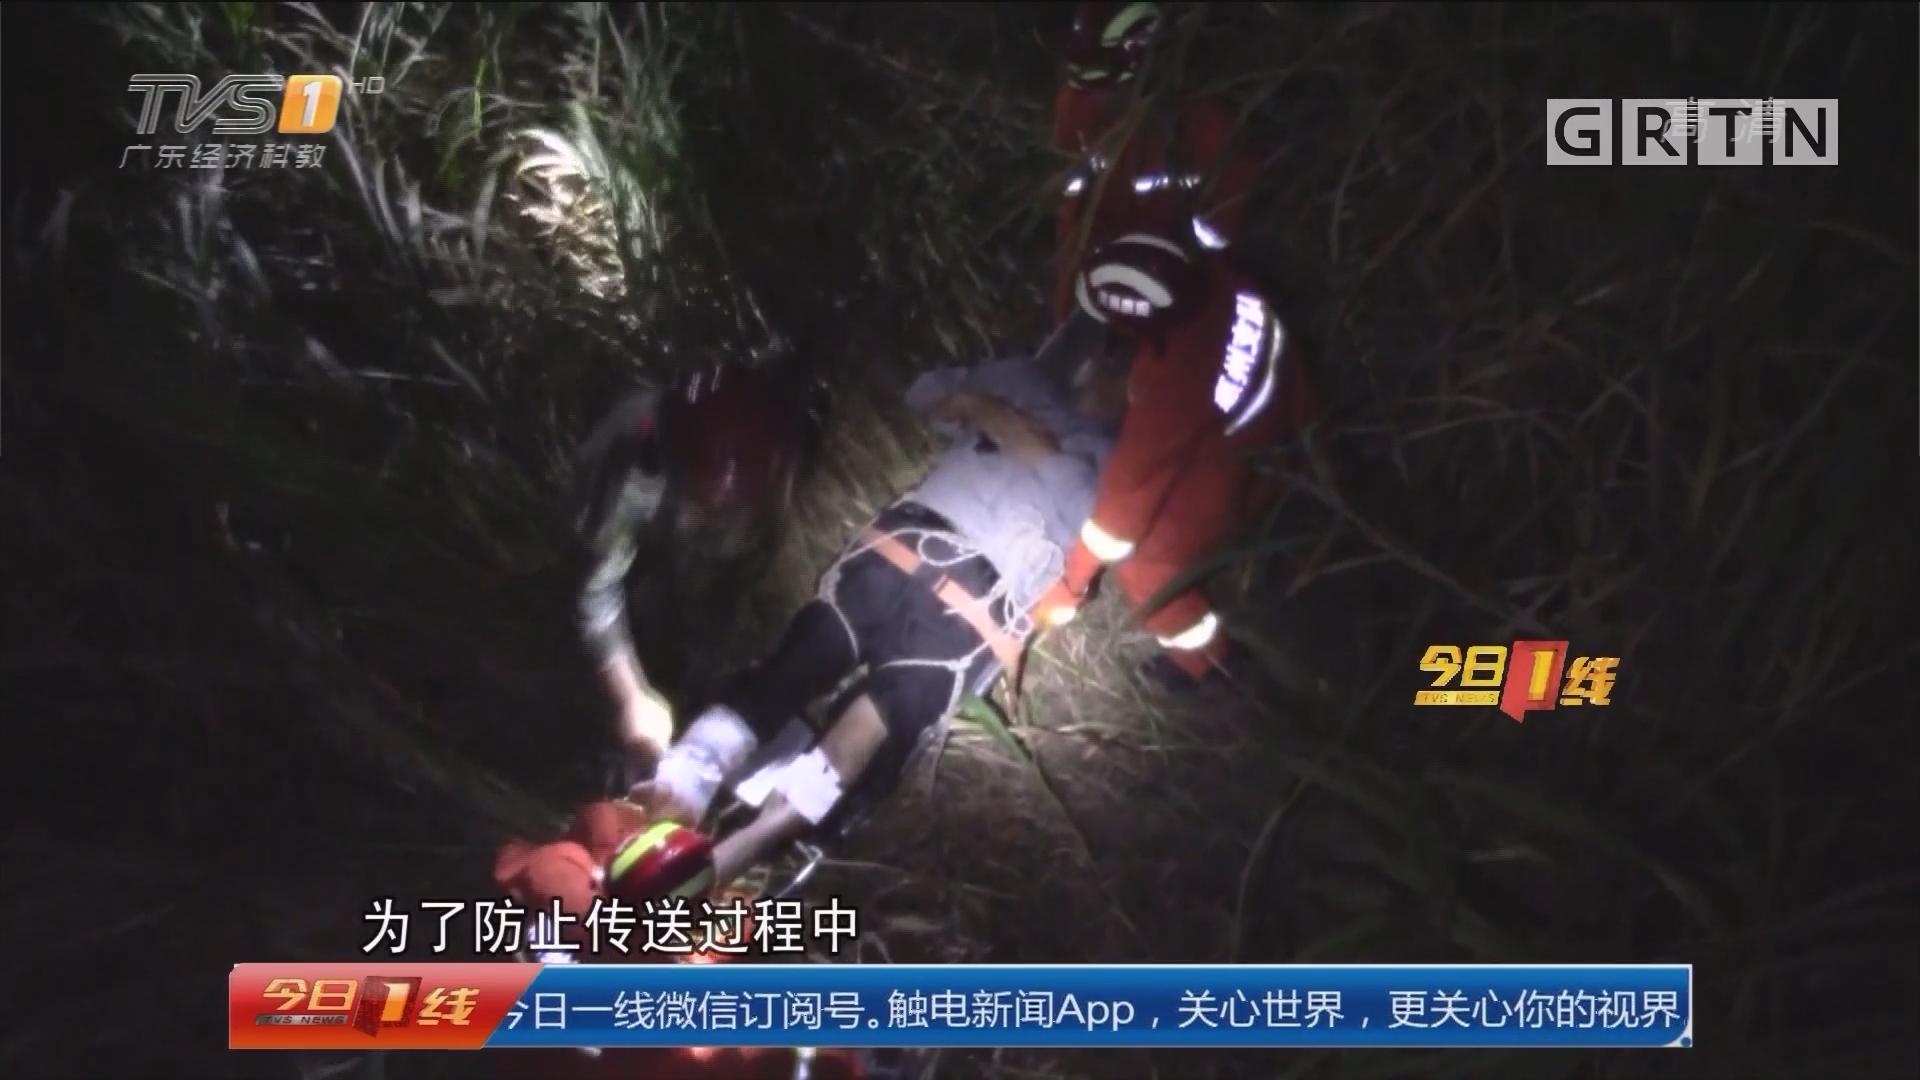 惠州惠阳:男子坠落双腿骨折 消防救援